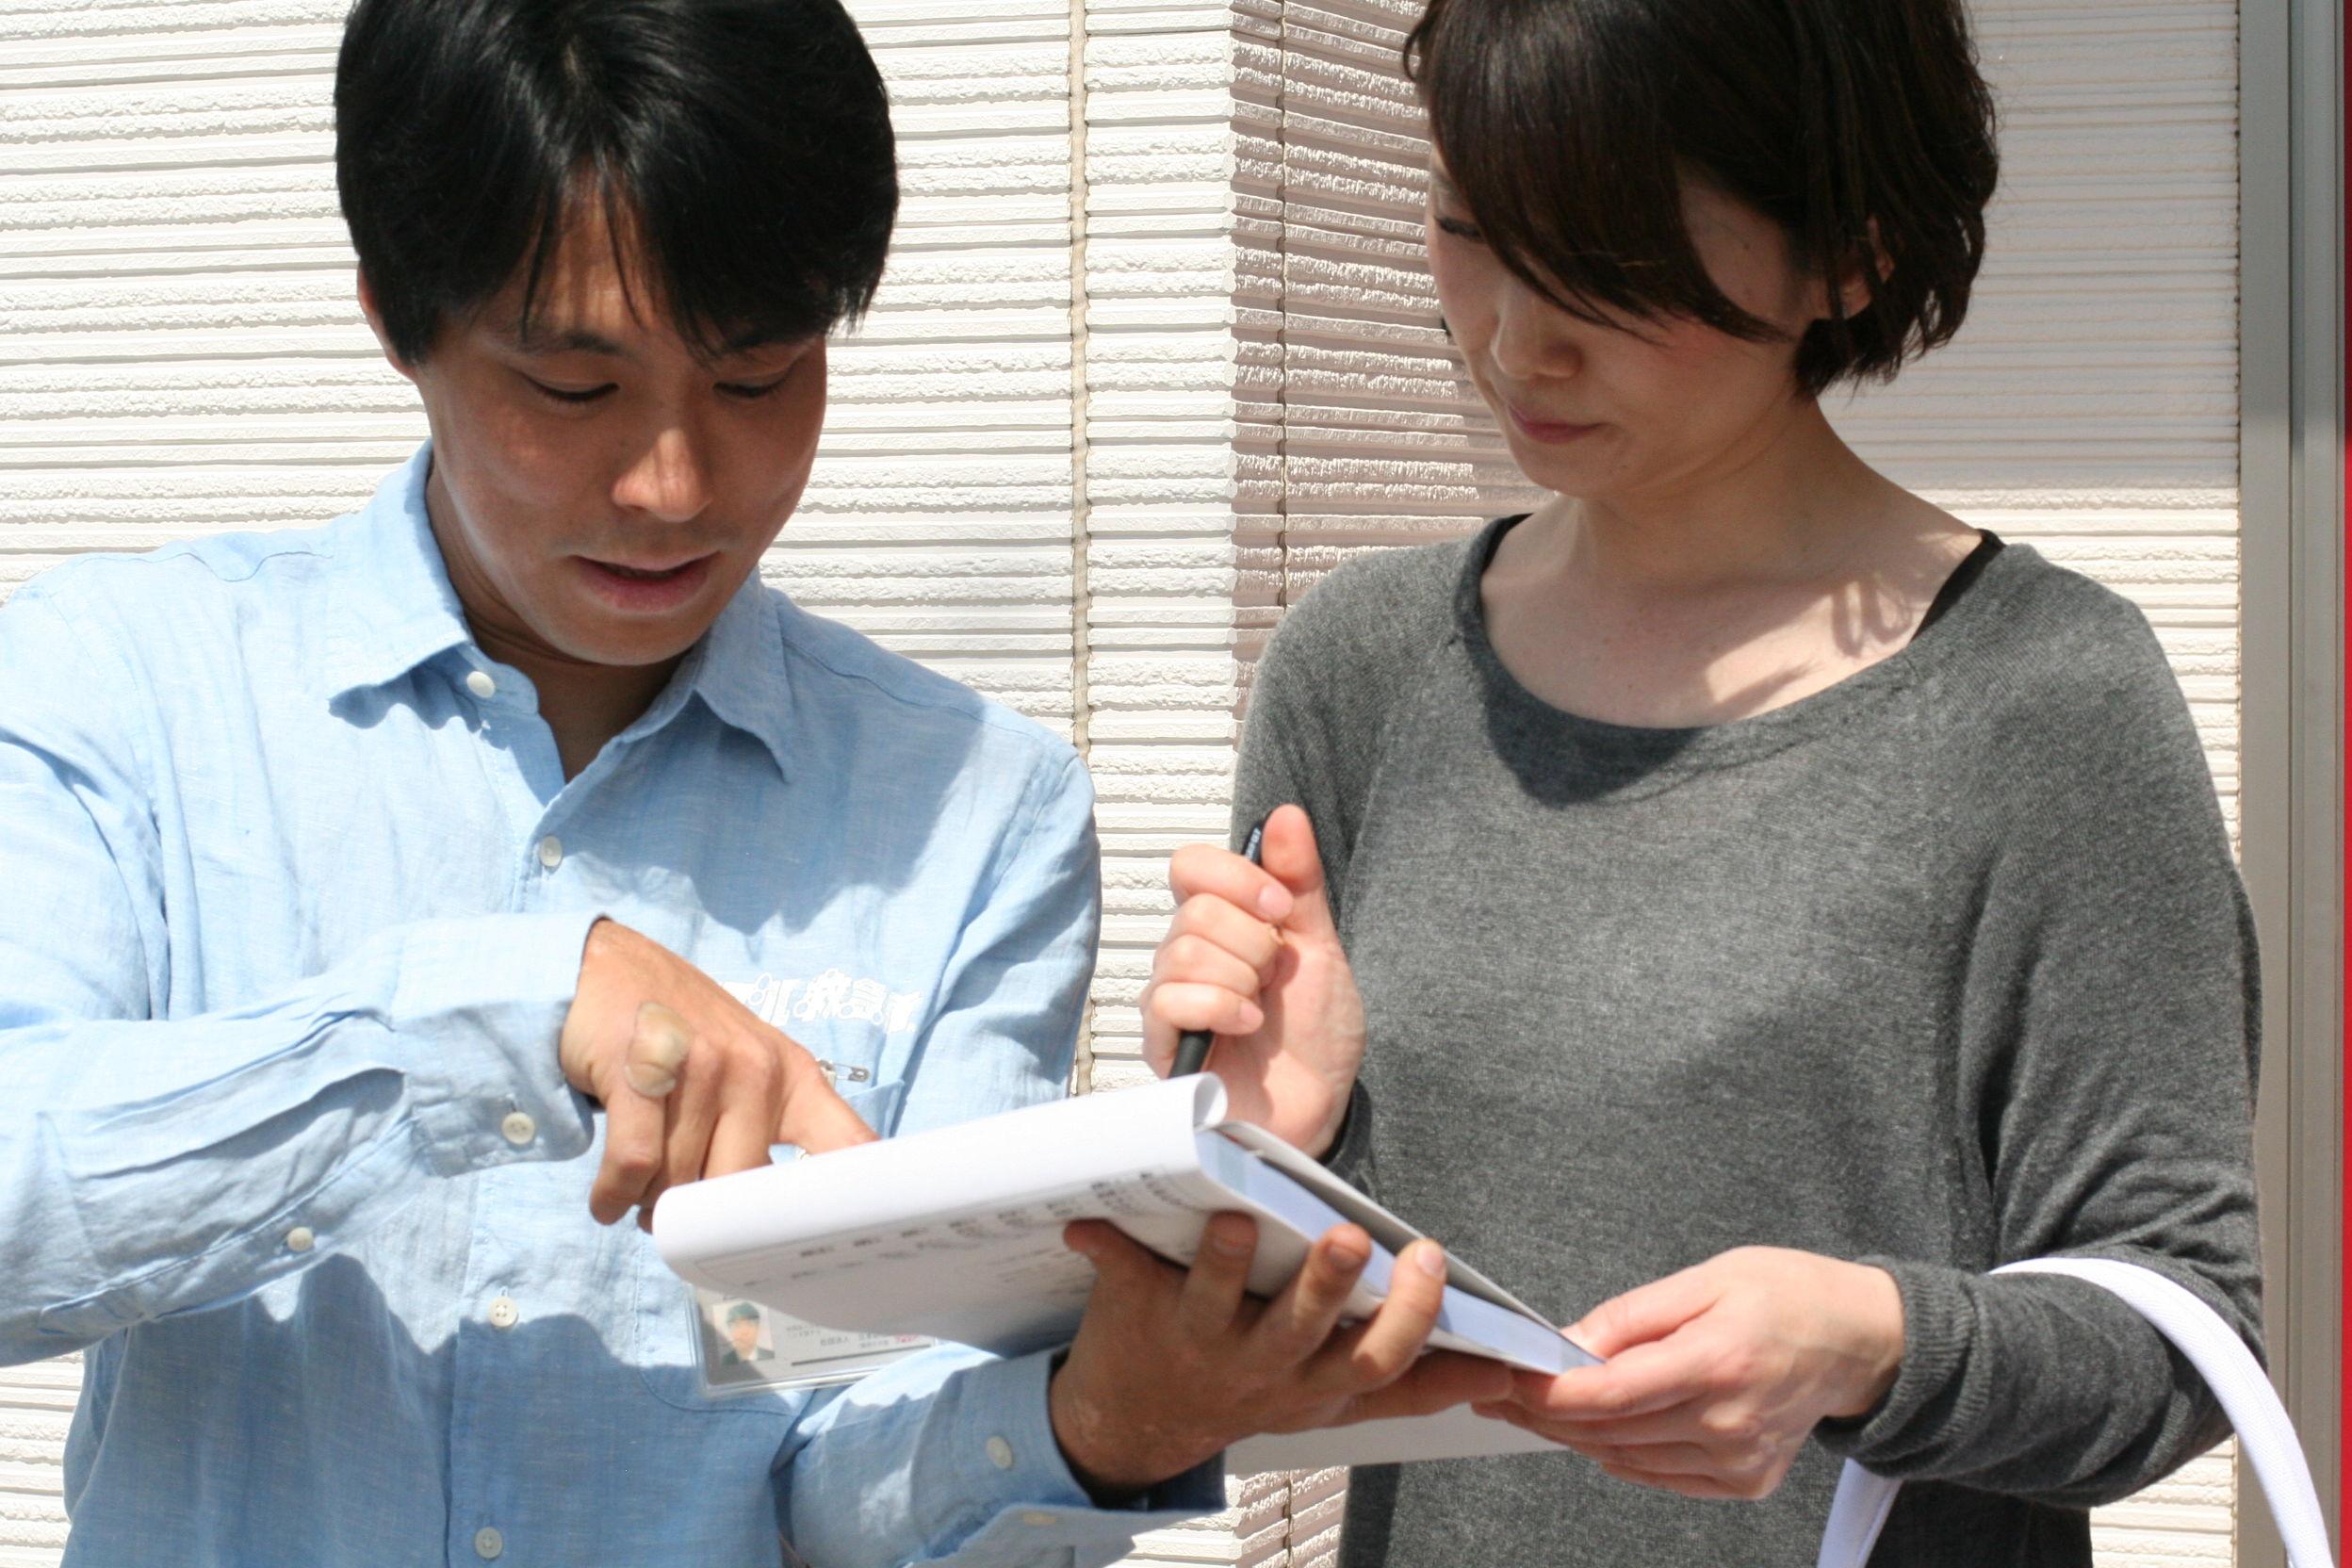 鍵のトラブル救急車【島田市 出張エリア】のメイン画像